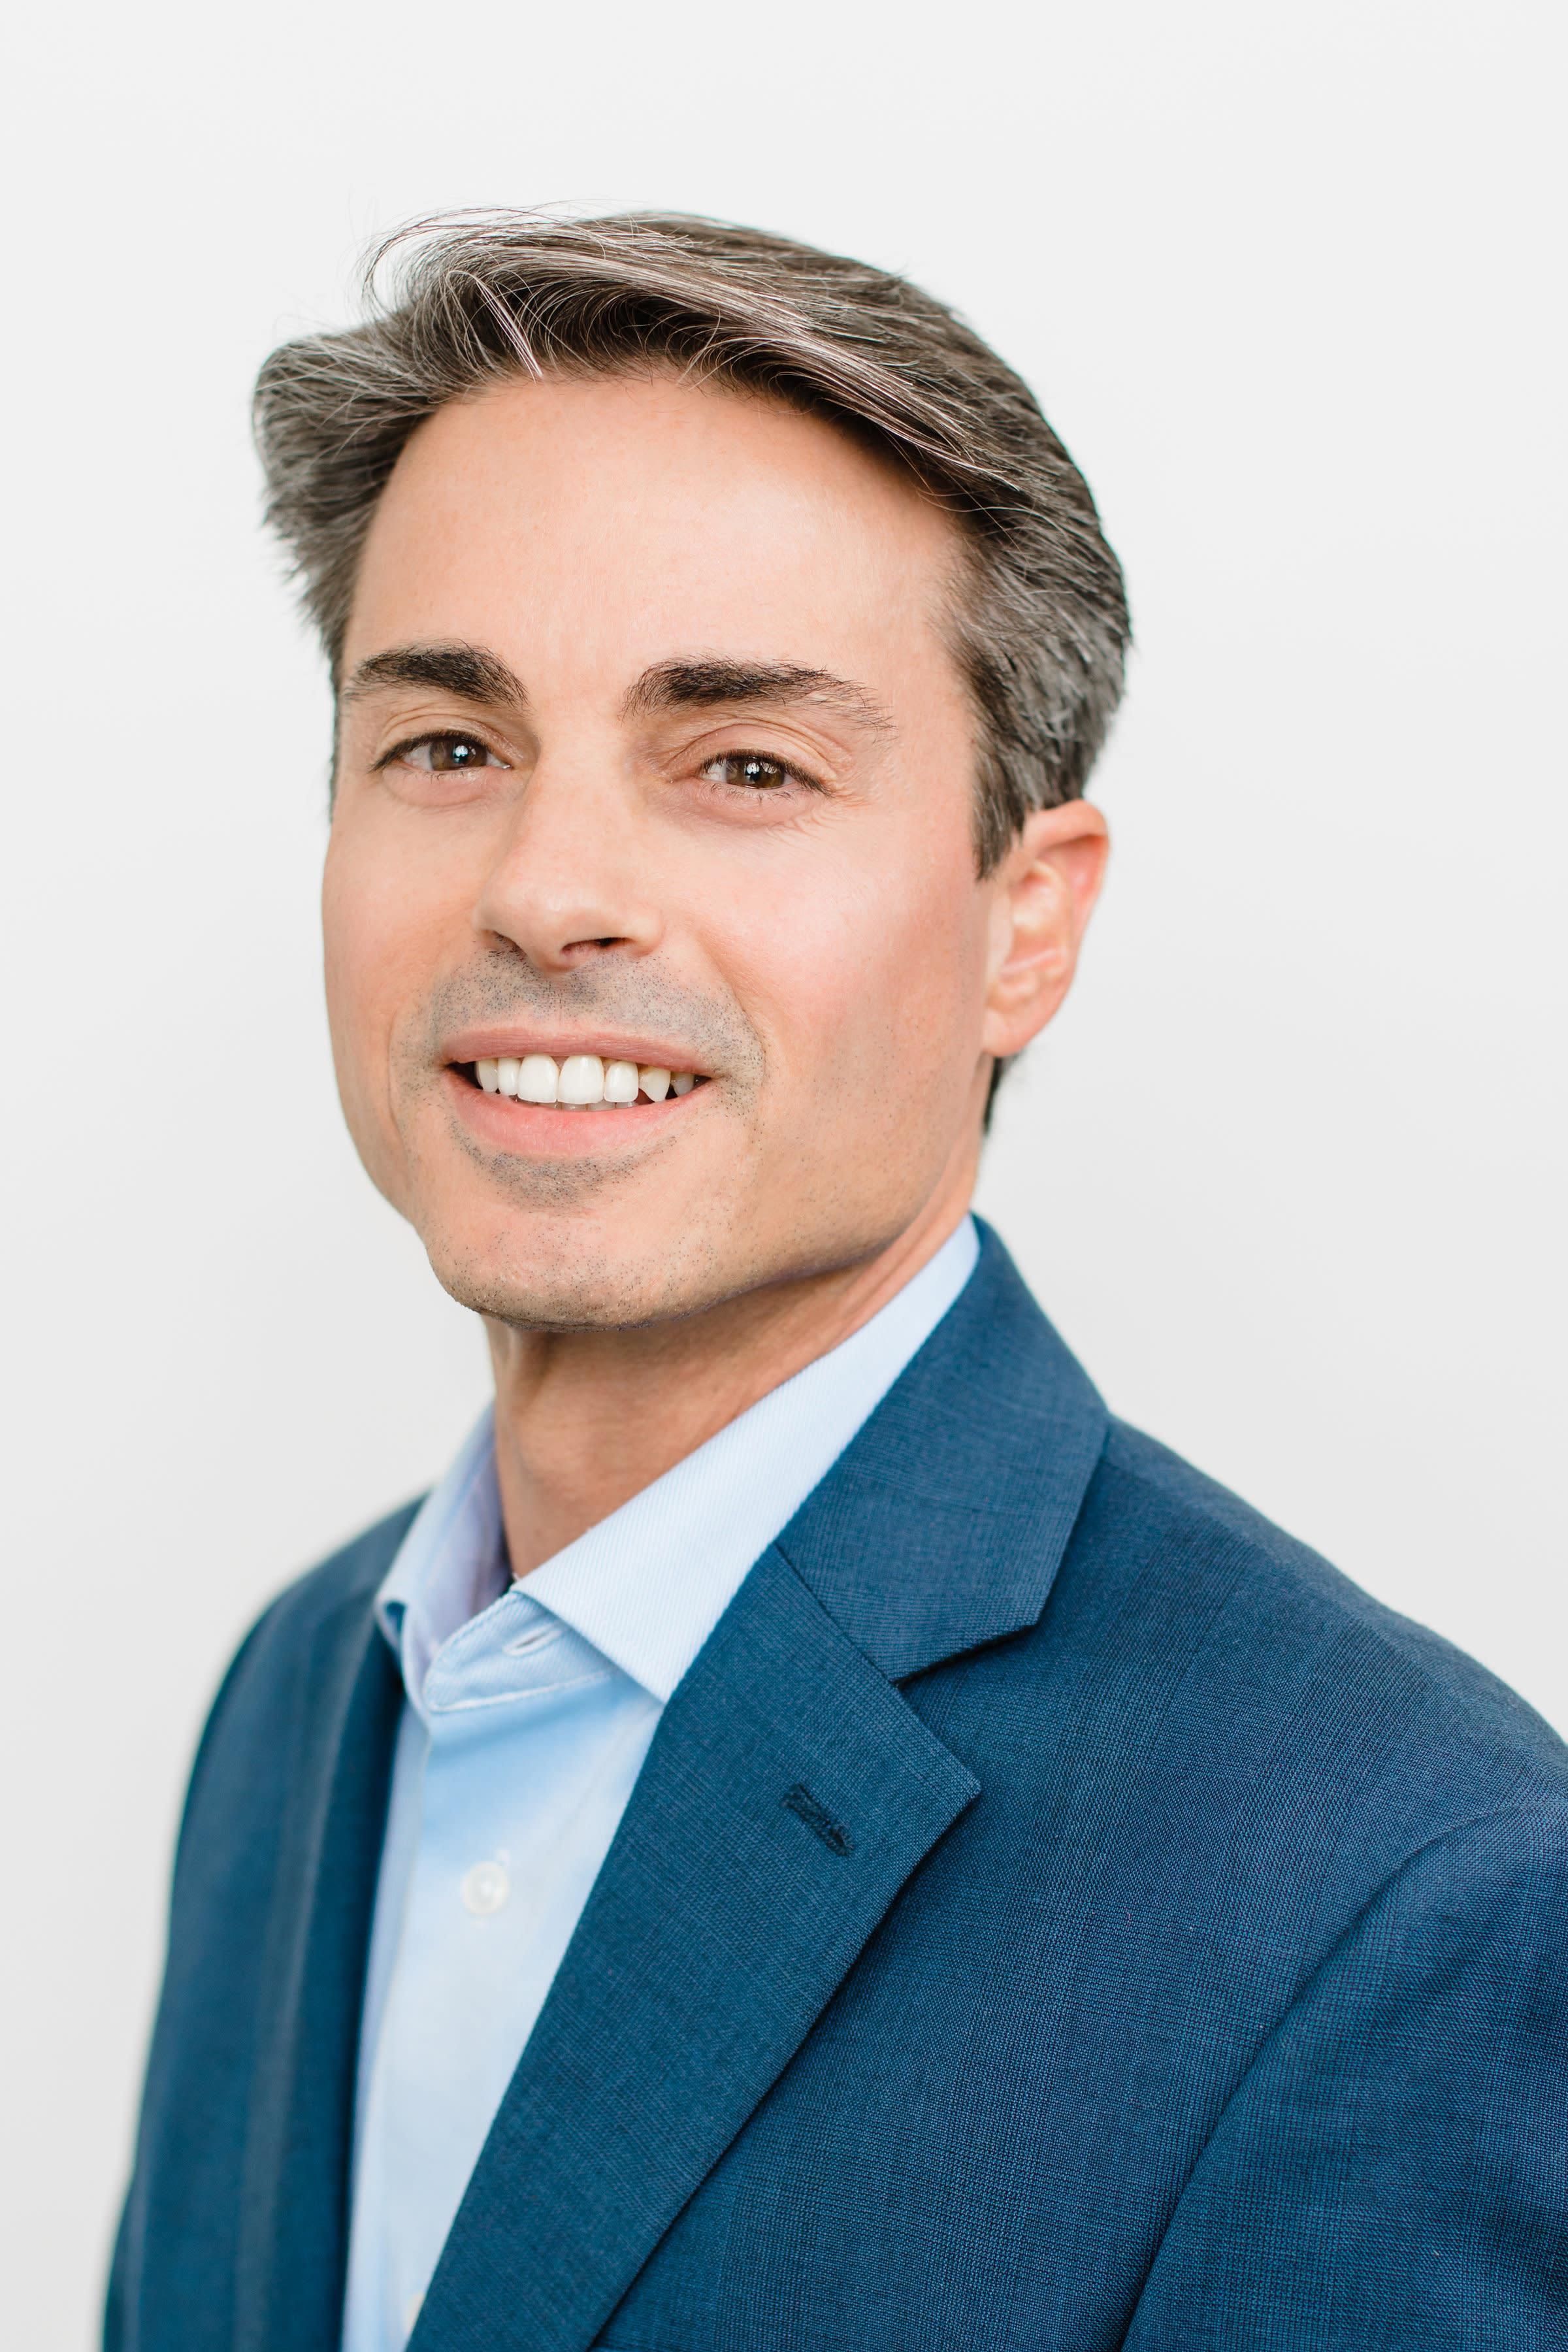 John Pedini